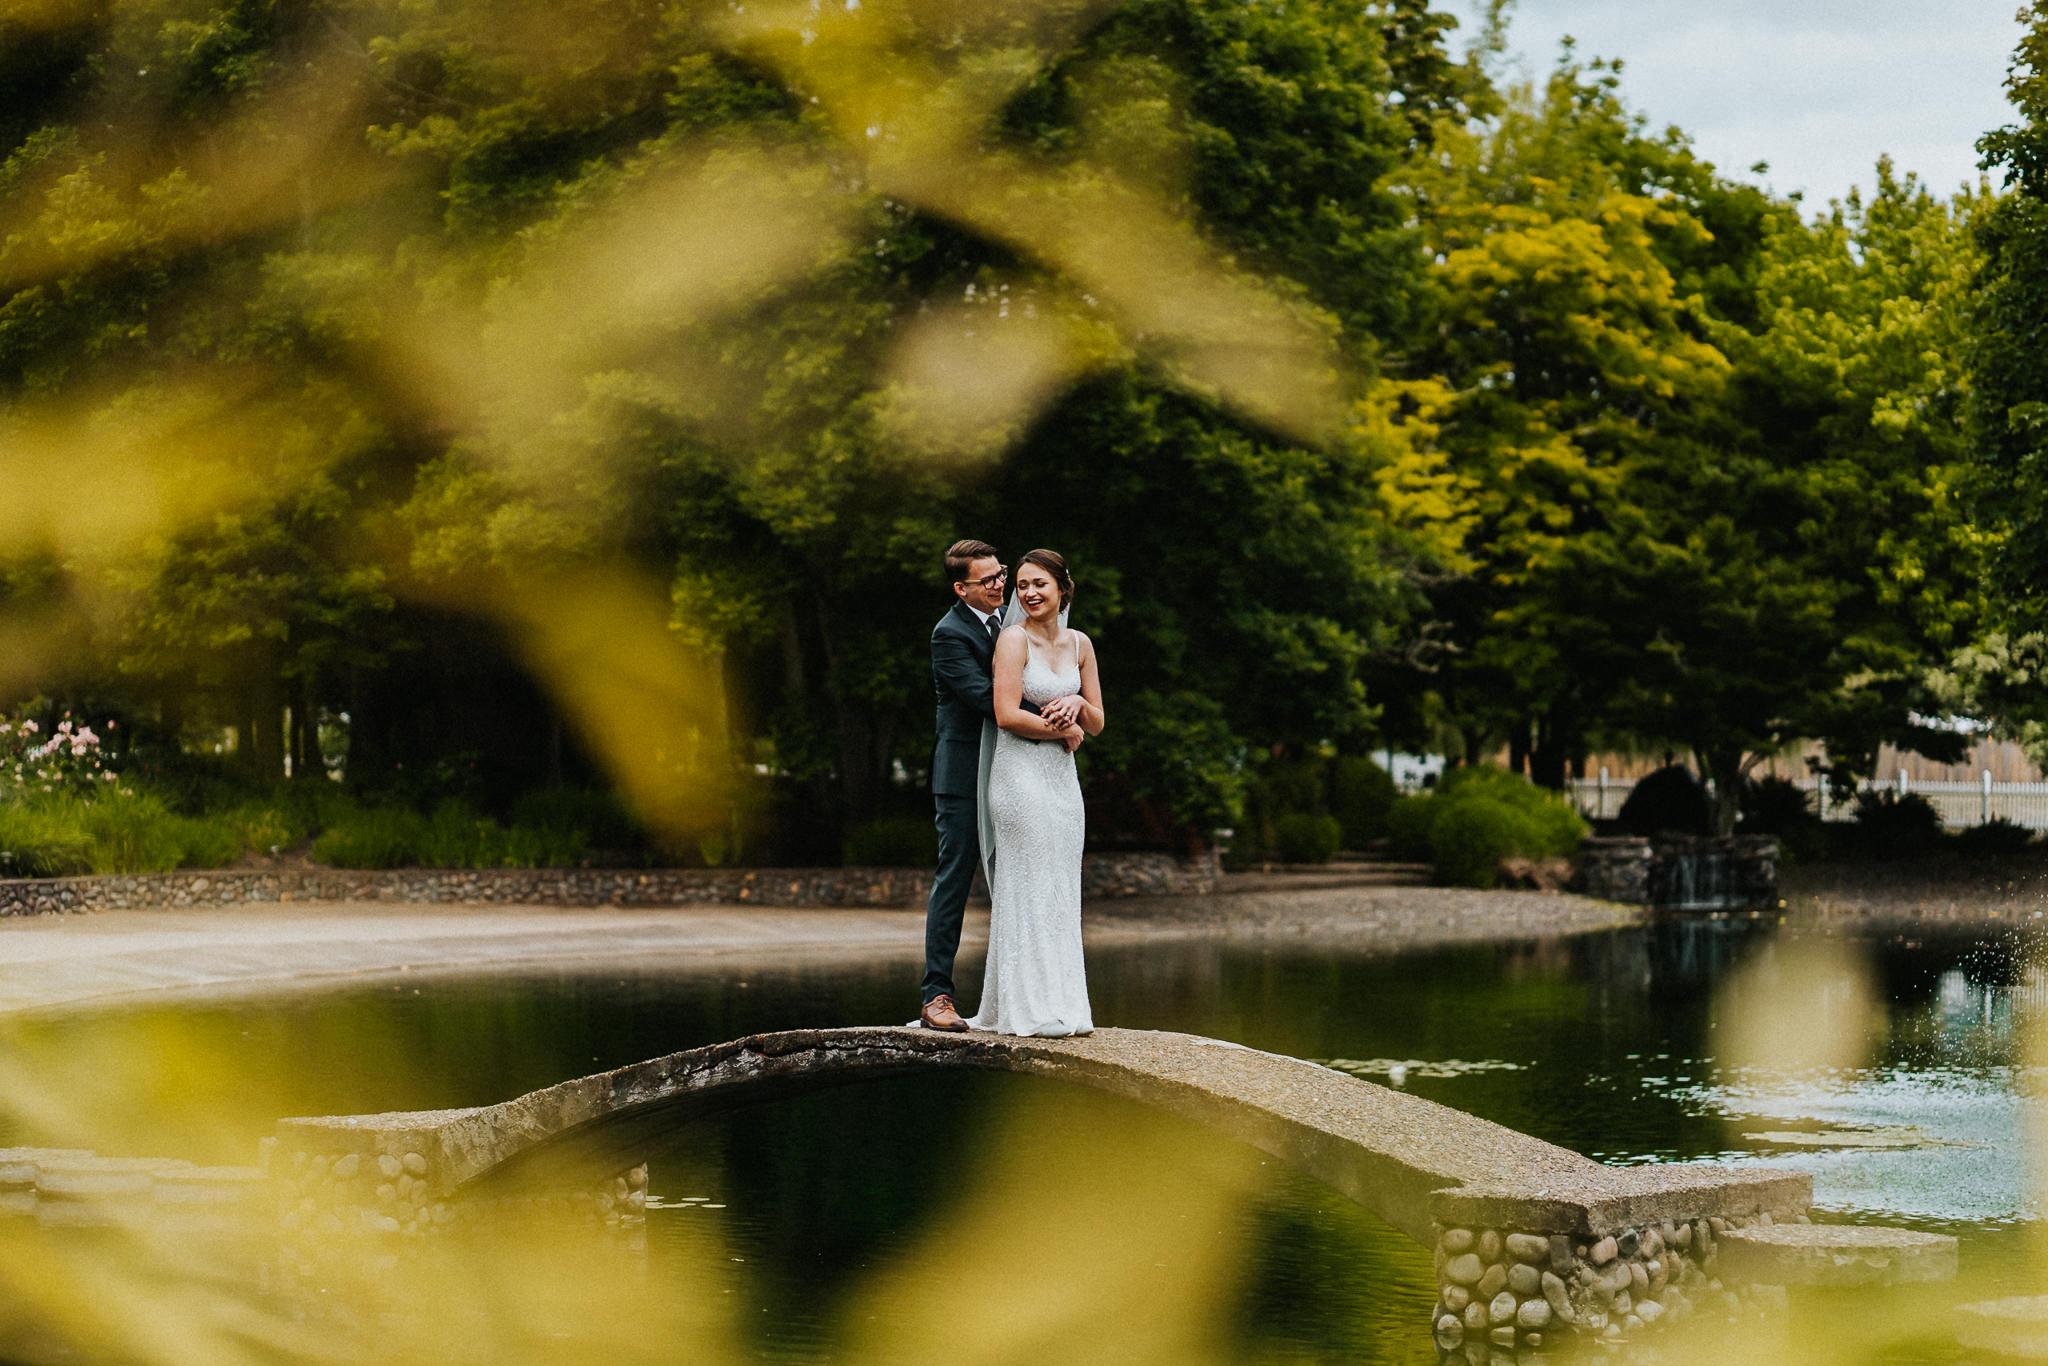 Dark Moody Wedding Portrait Bride Groom Bridge Water Bamboo Leaves